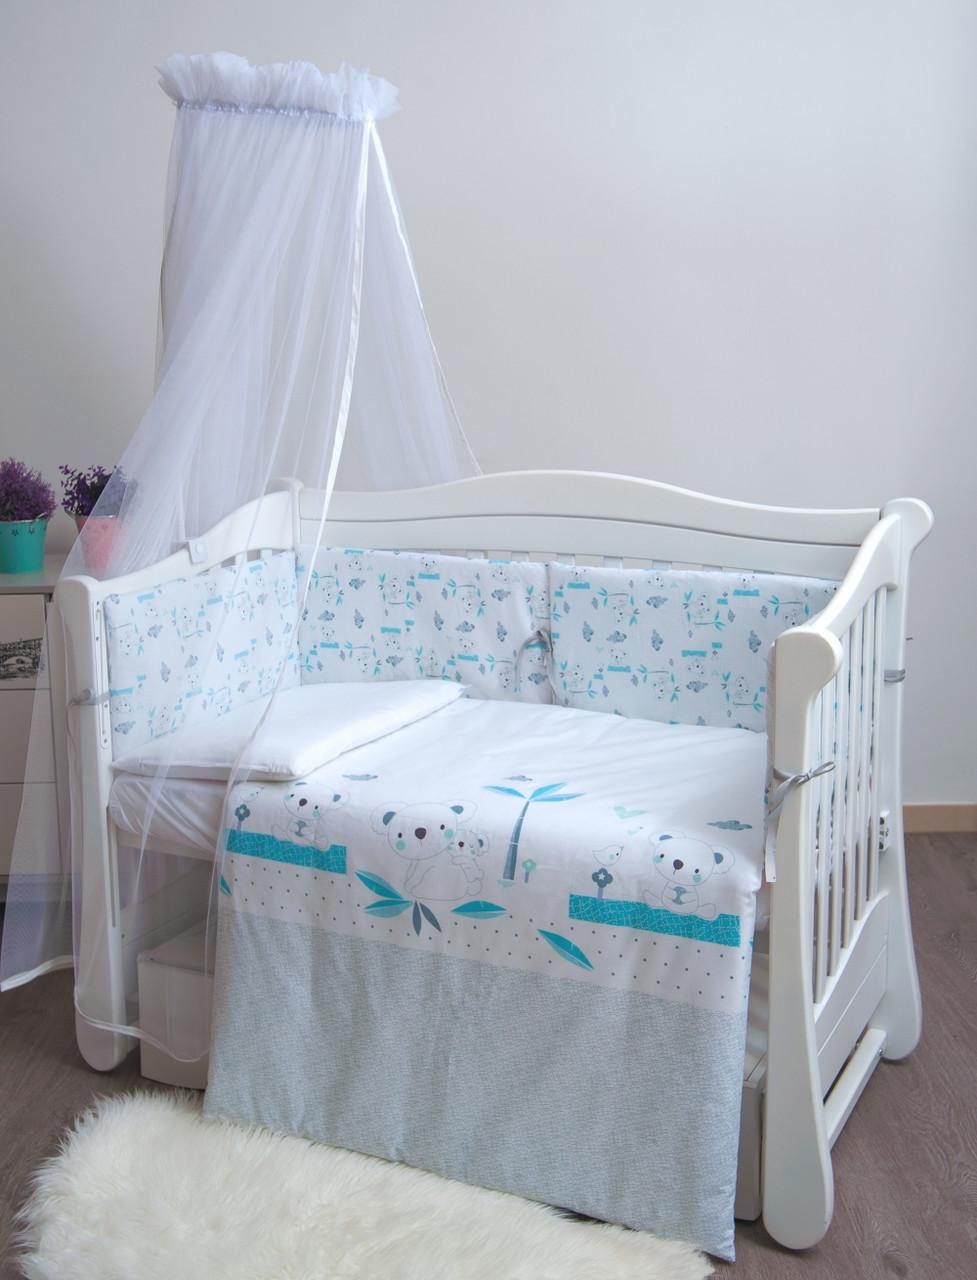 Детская постель Twins Eco Line New 6 элементов E-024 Koala mint (Постіль E-024)